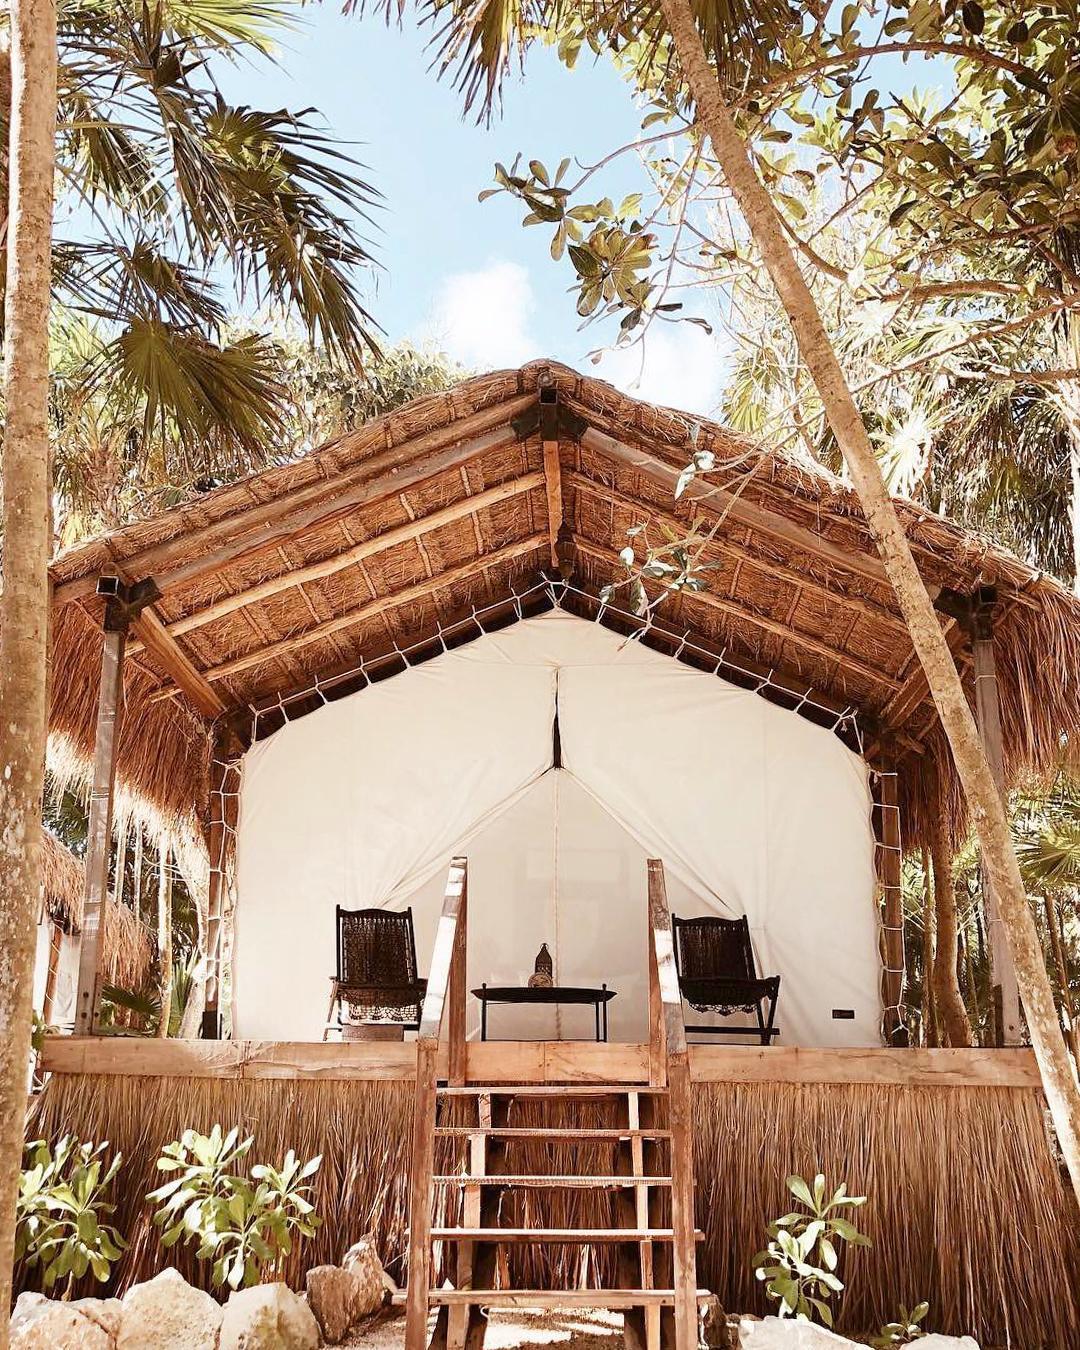 浪漫的野外露营 帐篷酒店瓦迪朗姆酒游牧民族